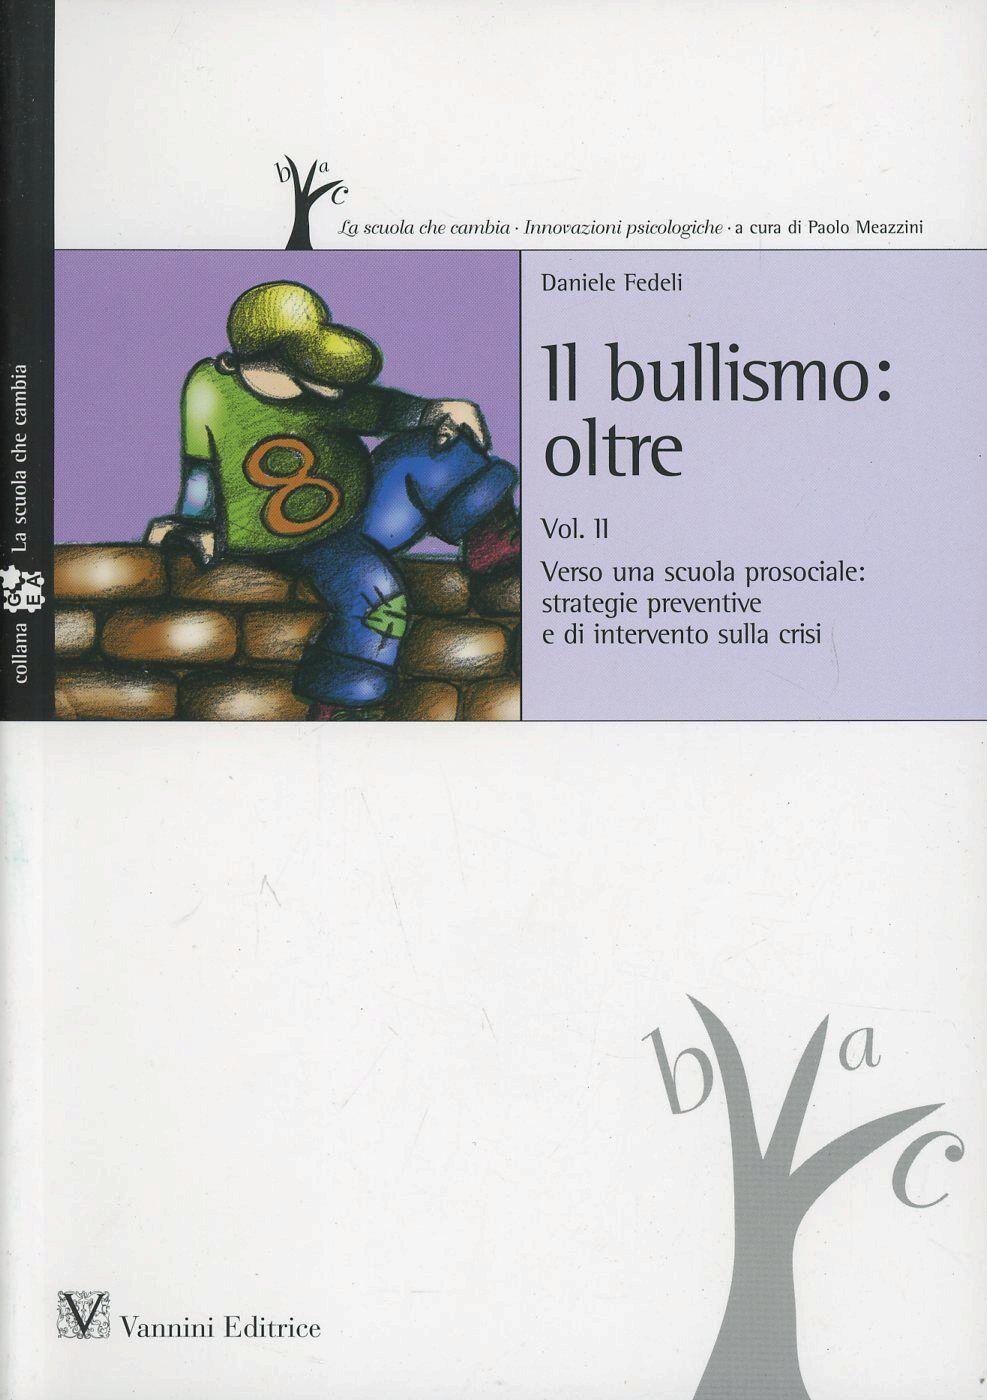 Bullismo oltre. Vol. 2: Verso una scuola prosociale: strategie preventive e di intervento sulla crisi.